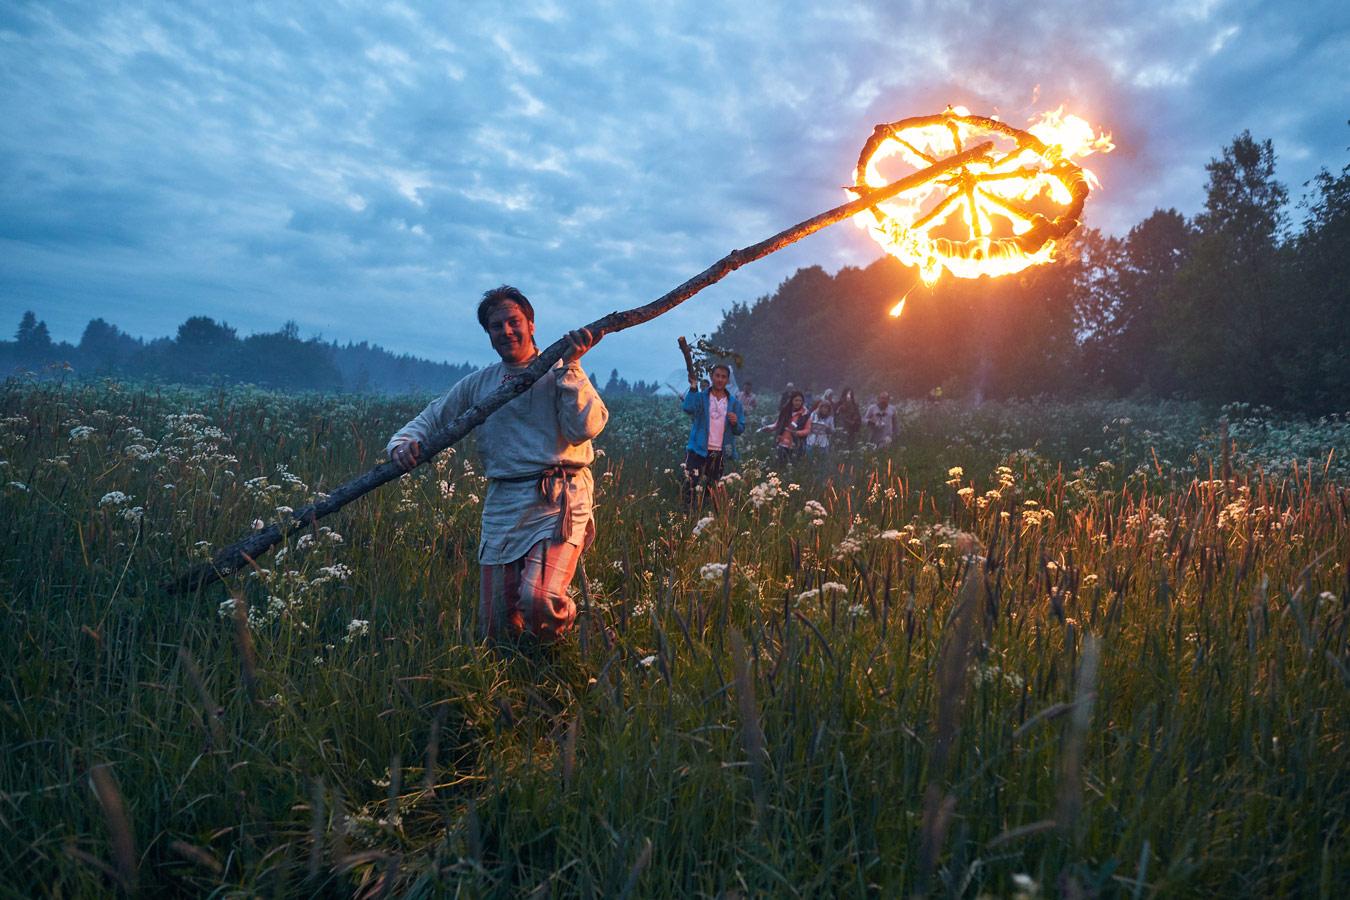 Движение годового колеса, Куркиеки, Карелия, © Юлия Лилишенцева, 1 место, Фотоконкурс «Русская цивилизация»